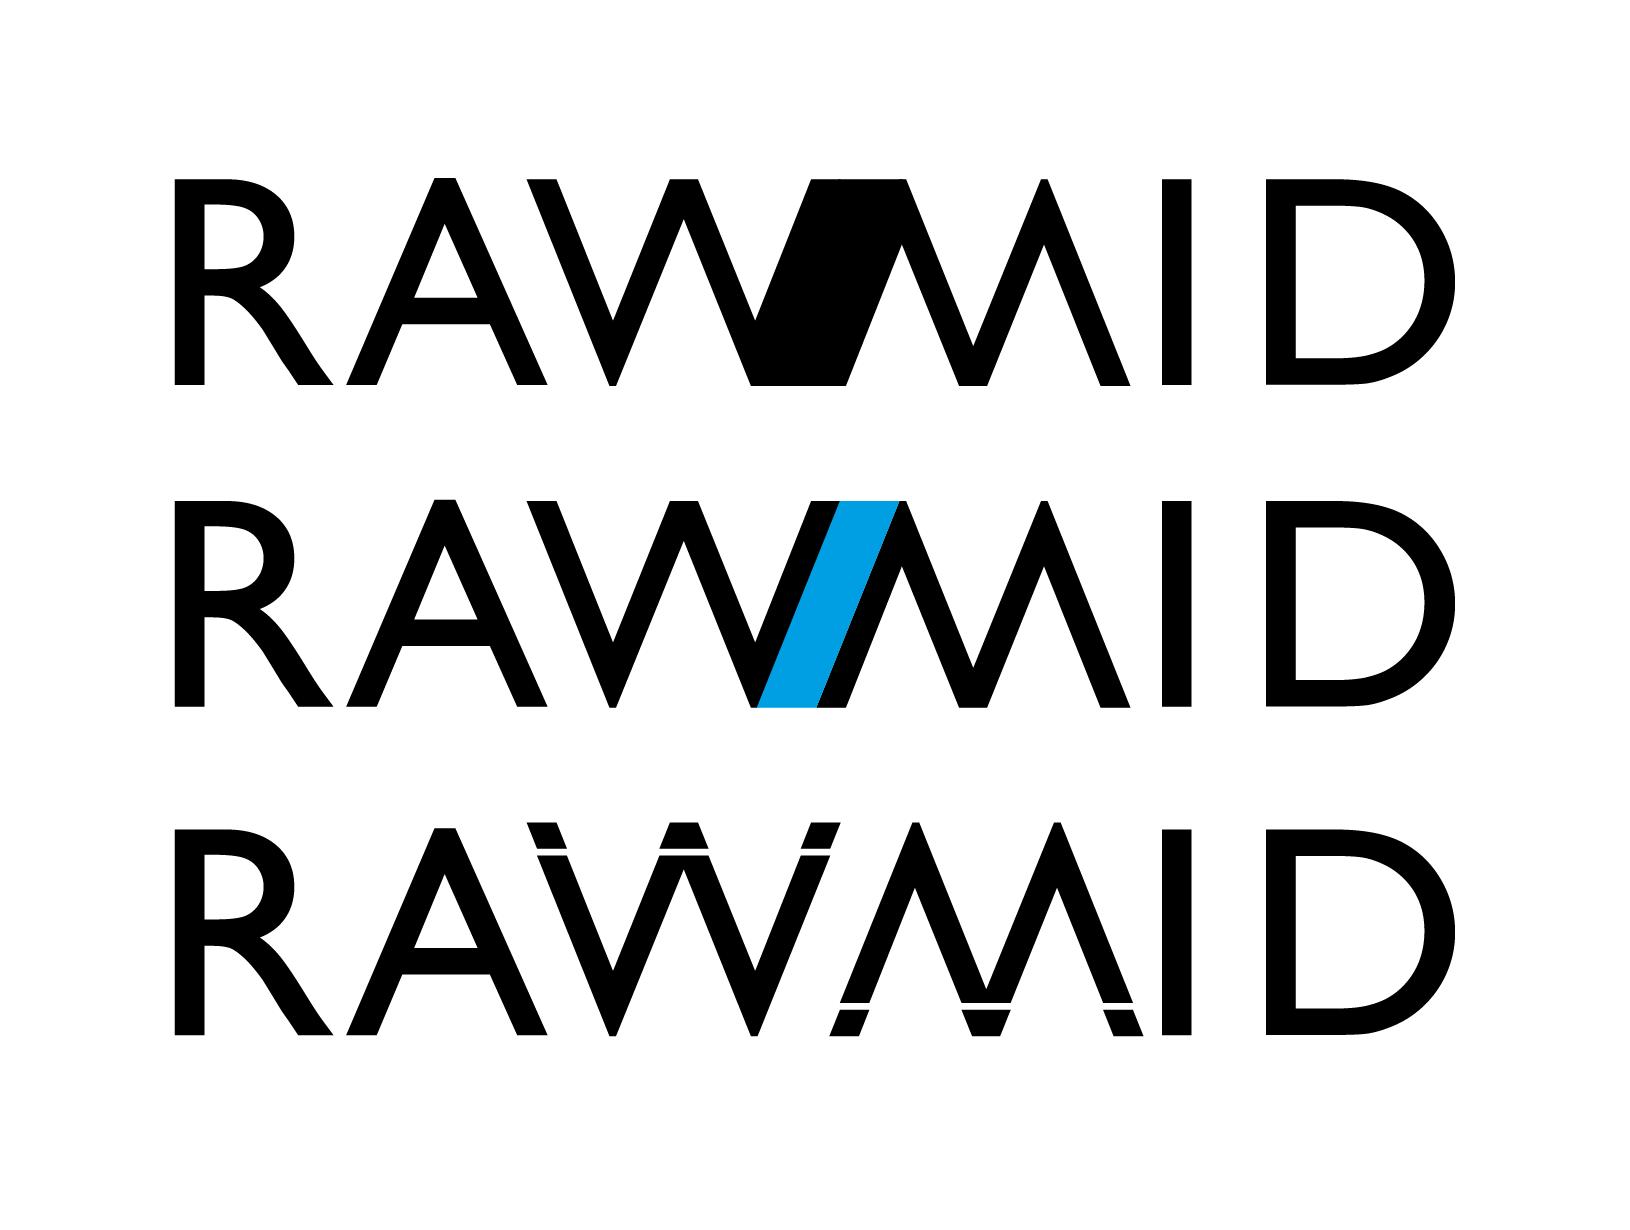 Создать логотип (буквенная часть) для бренда бытовой техники фото f_8205b359694c5266.png